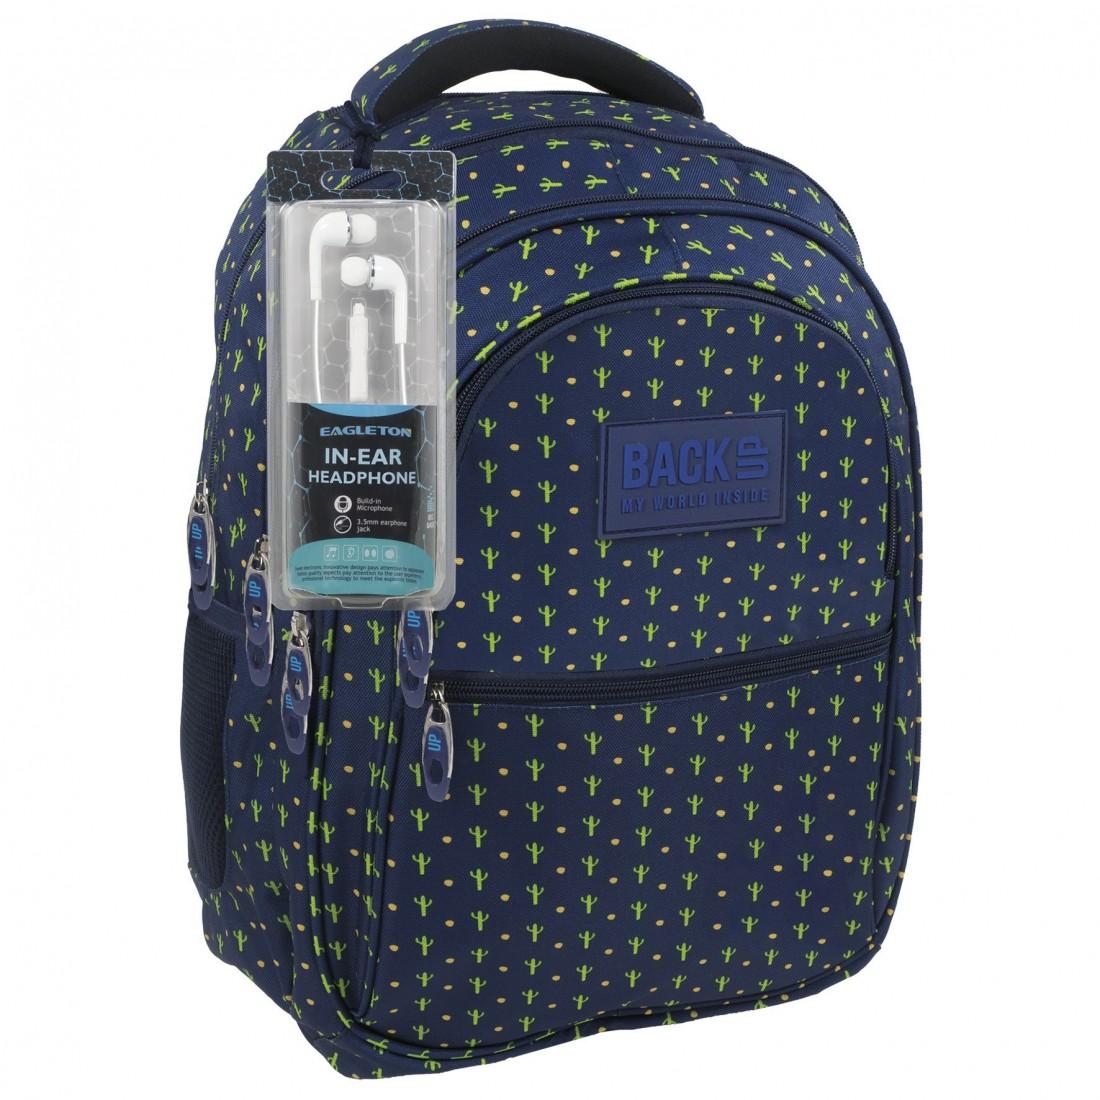 cff93ebcdb14c Modny i wyjątkowy jednocześnie plecak z kaktusami - zarówno dla chłopaków